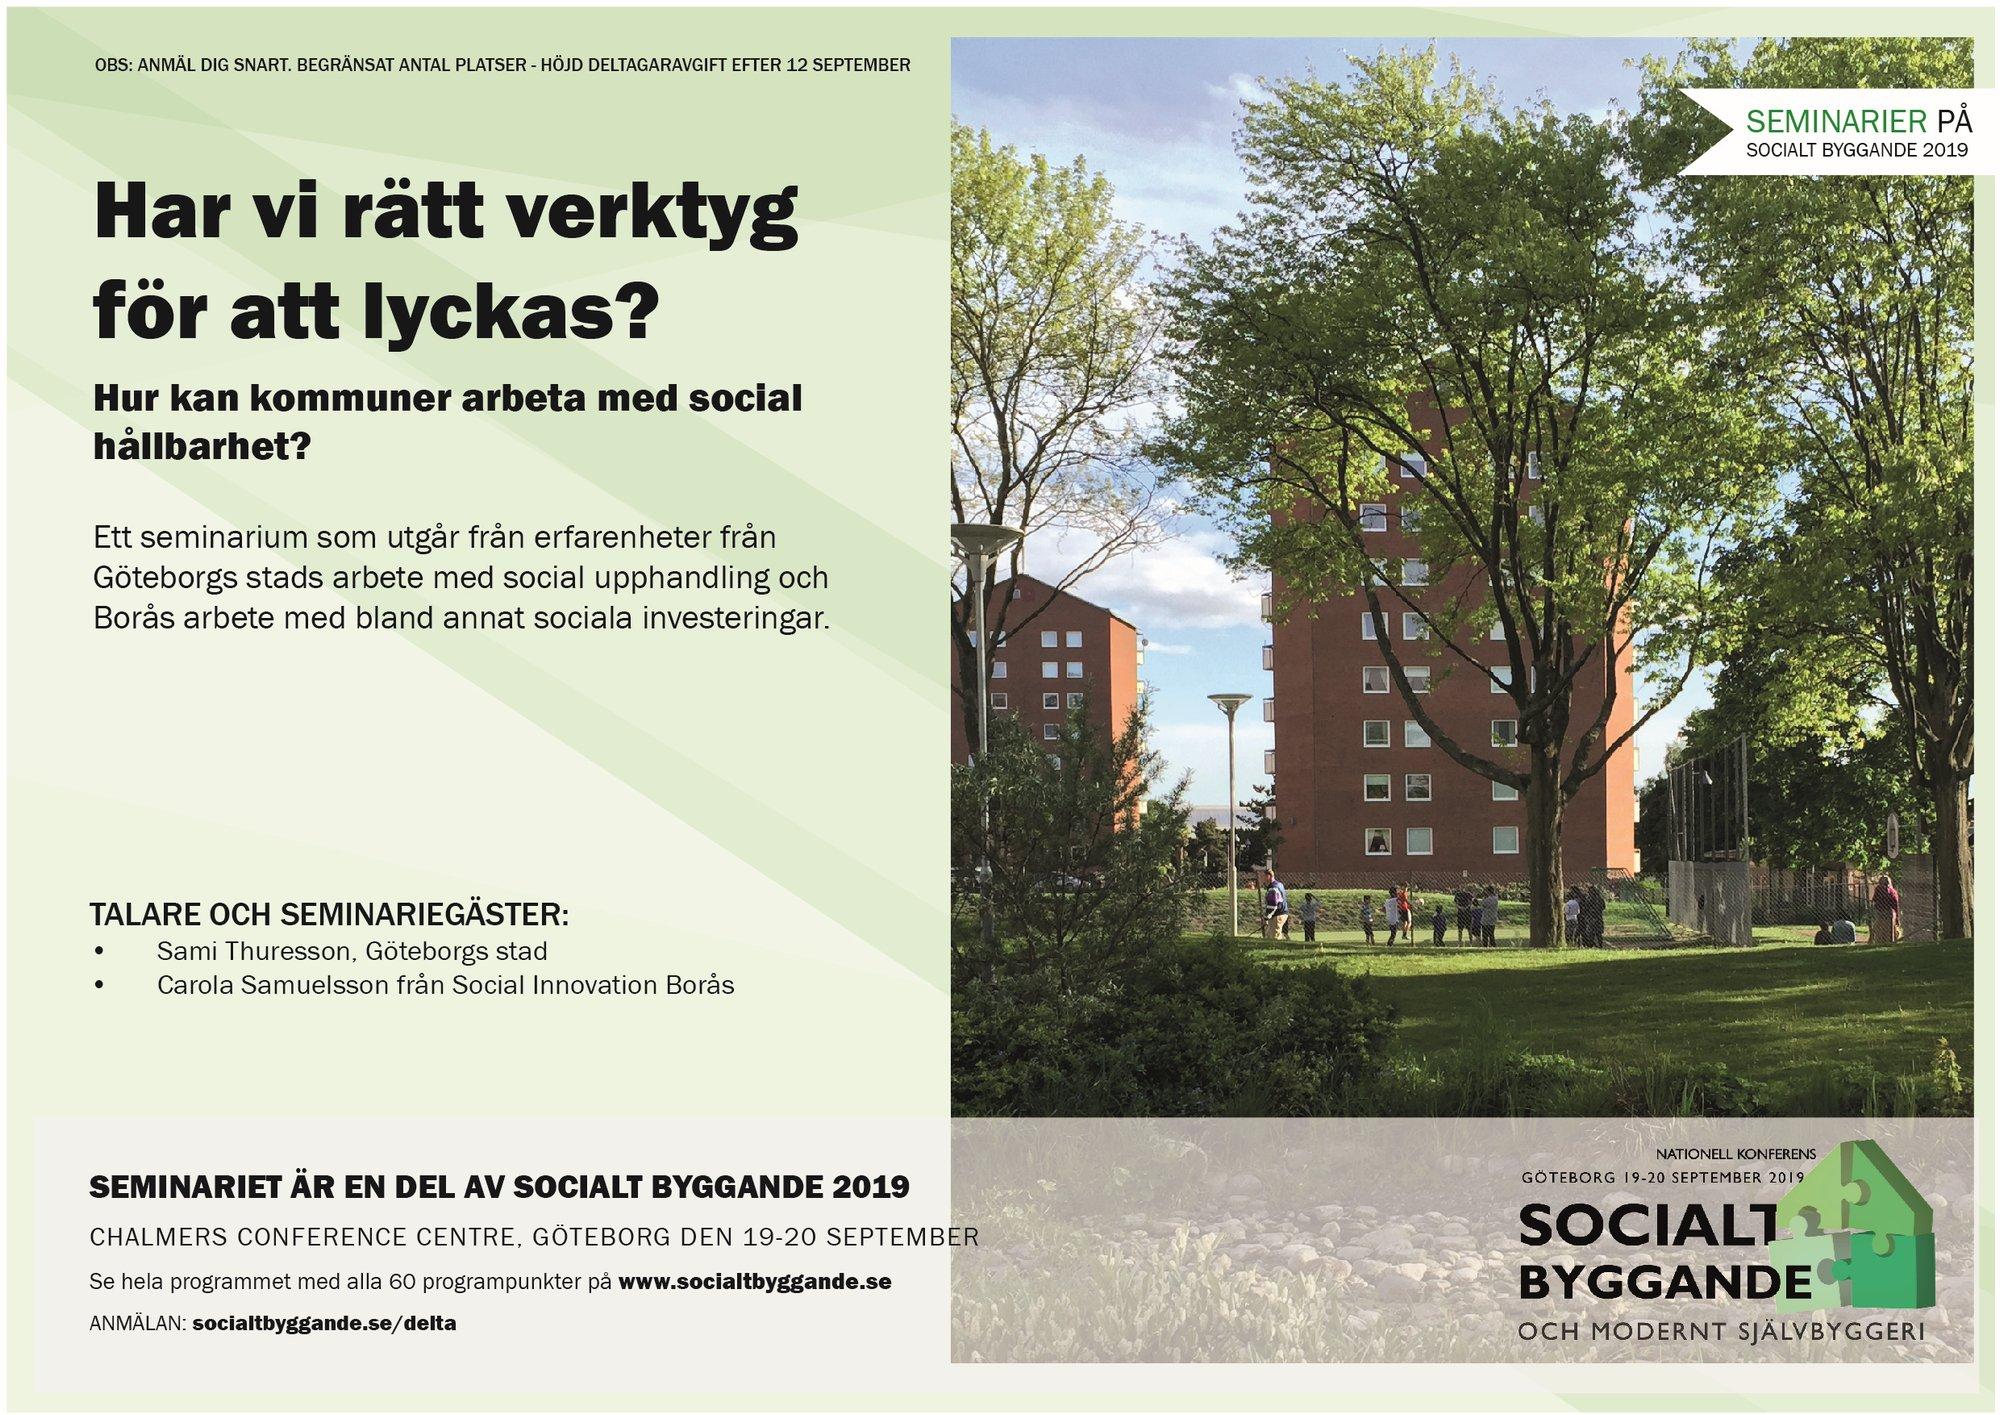 Hur kan kommuner arbeta med social hållbarhet?